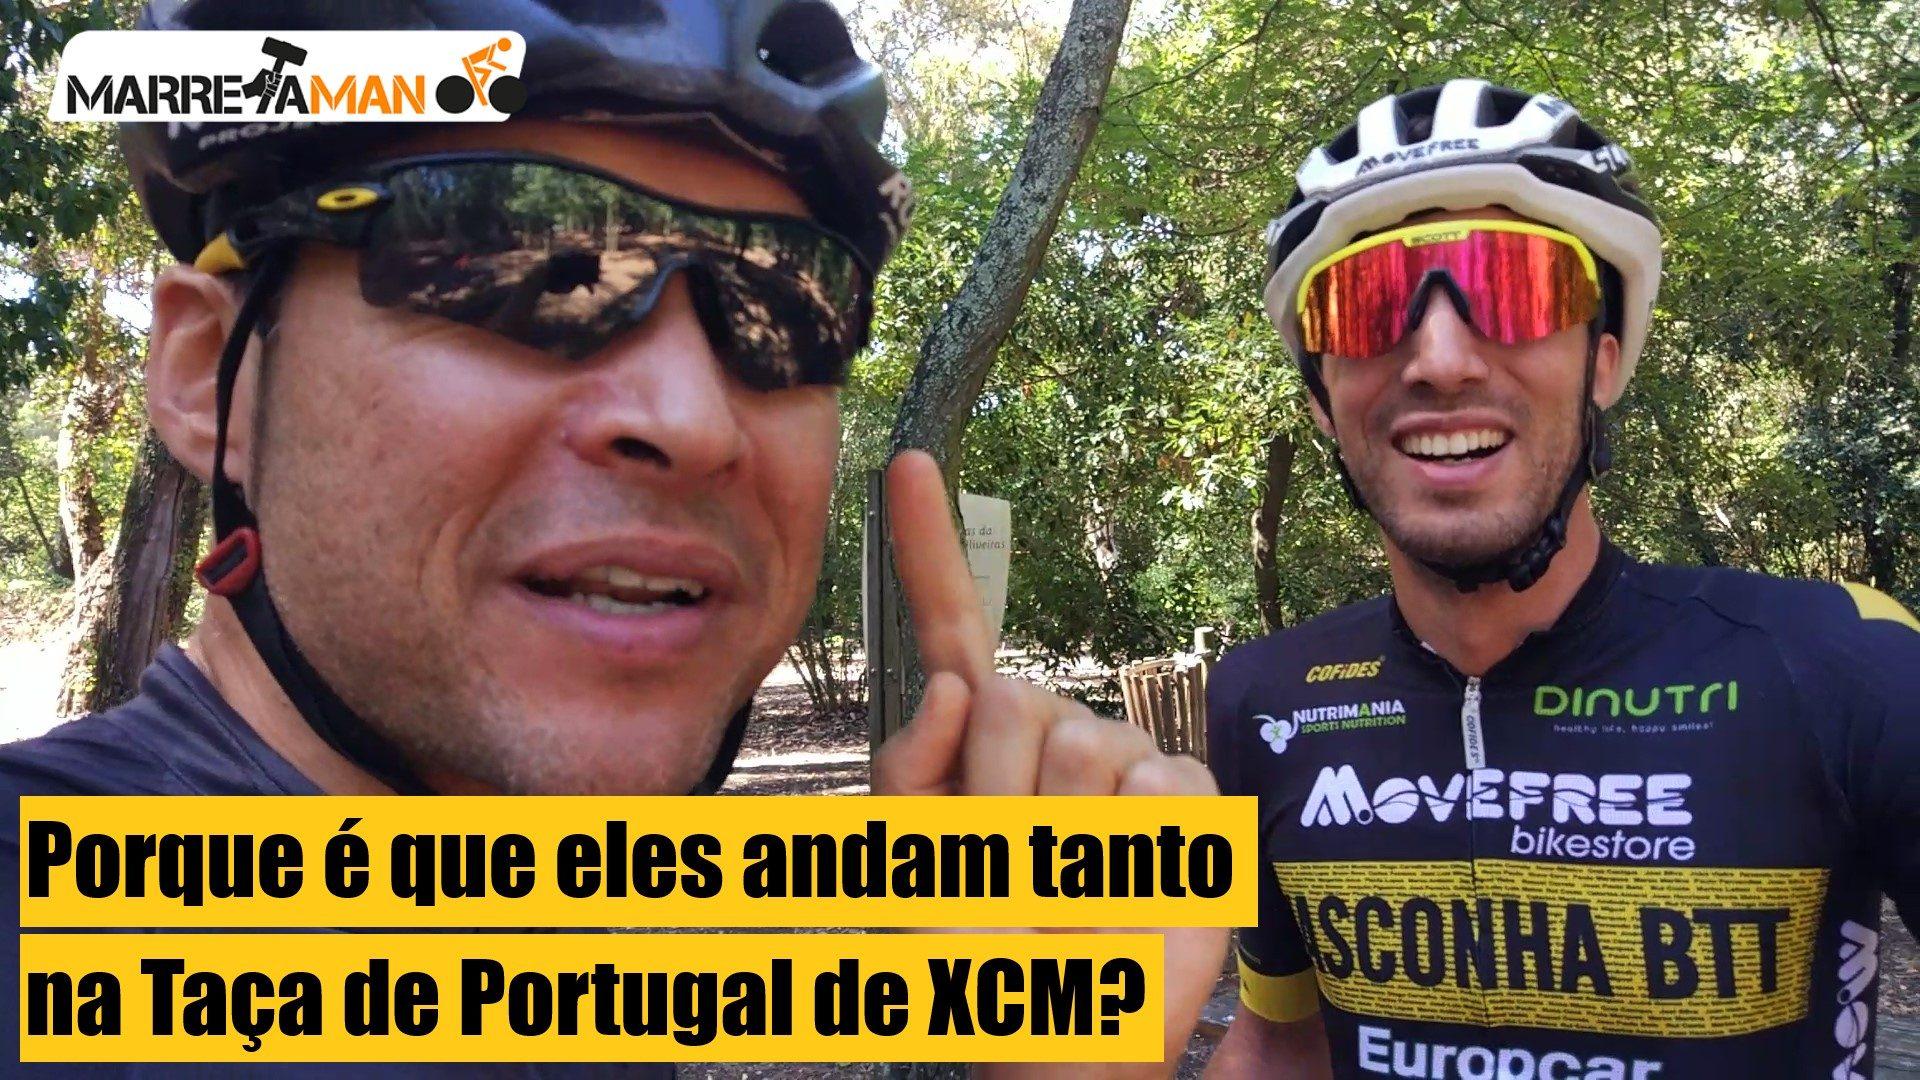 Vídeo – A pedalar com o vencedor da Taça de Portugal de XCM